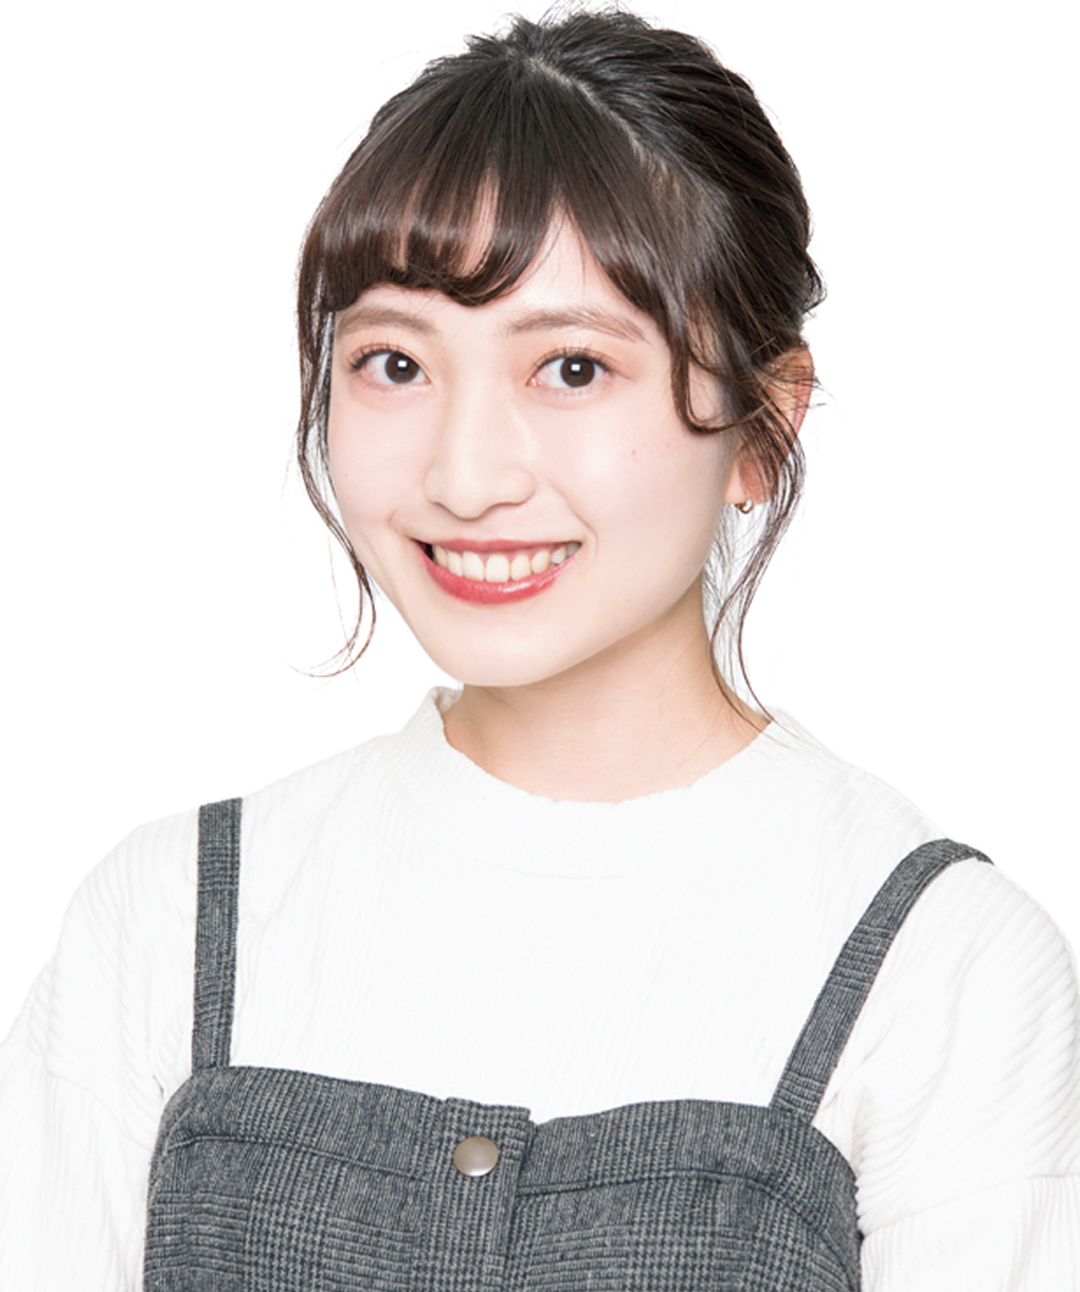 祝♡ 新加入! 5期生のブログをまとめてチェック【カワイイ選抜】_1_6-1